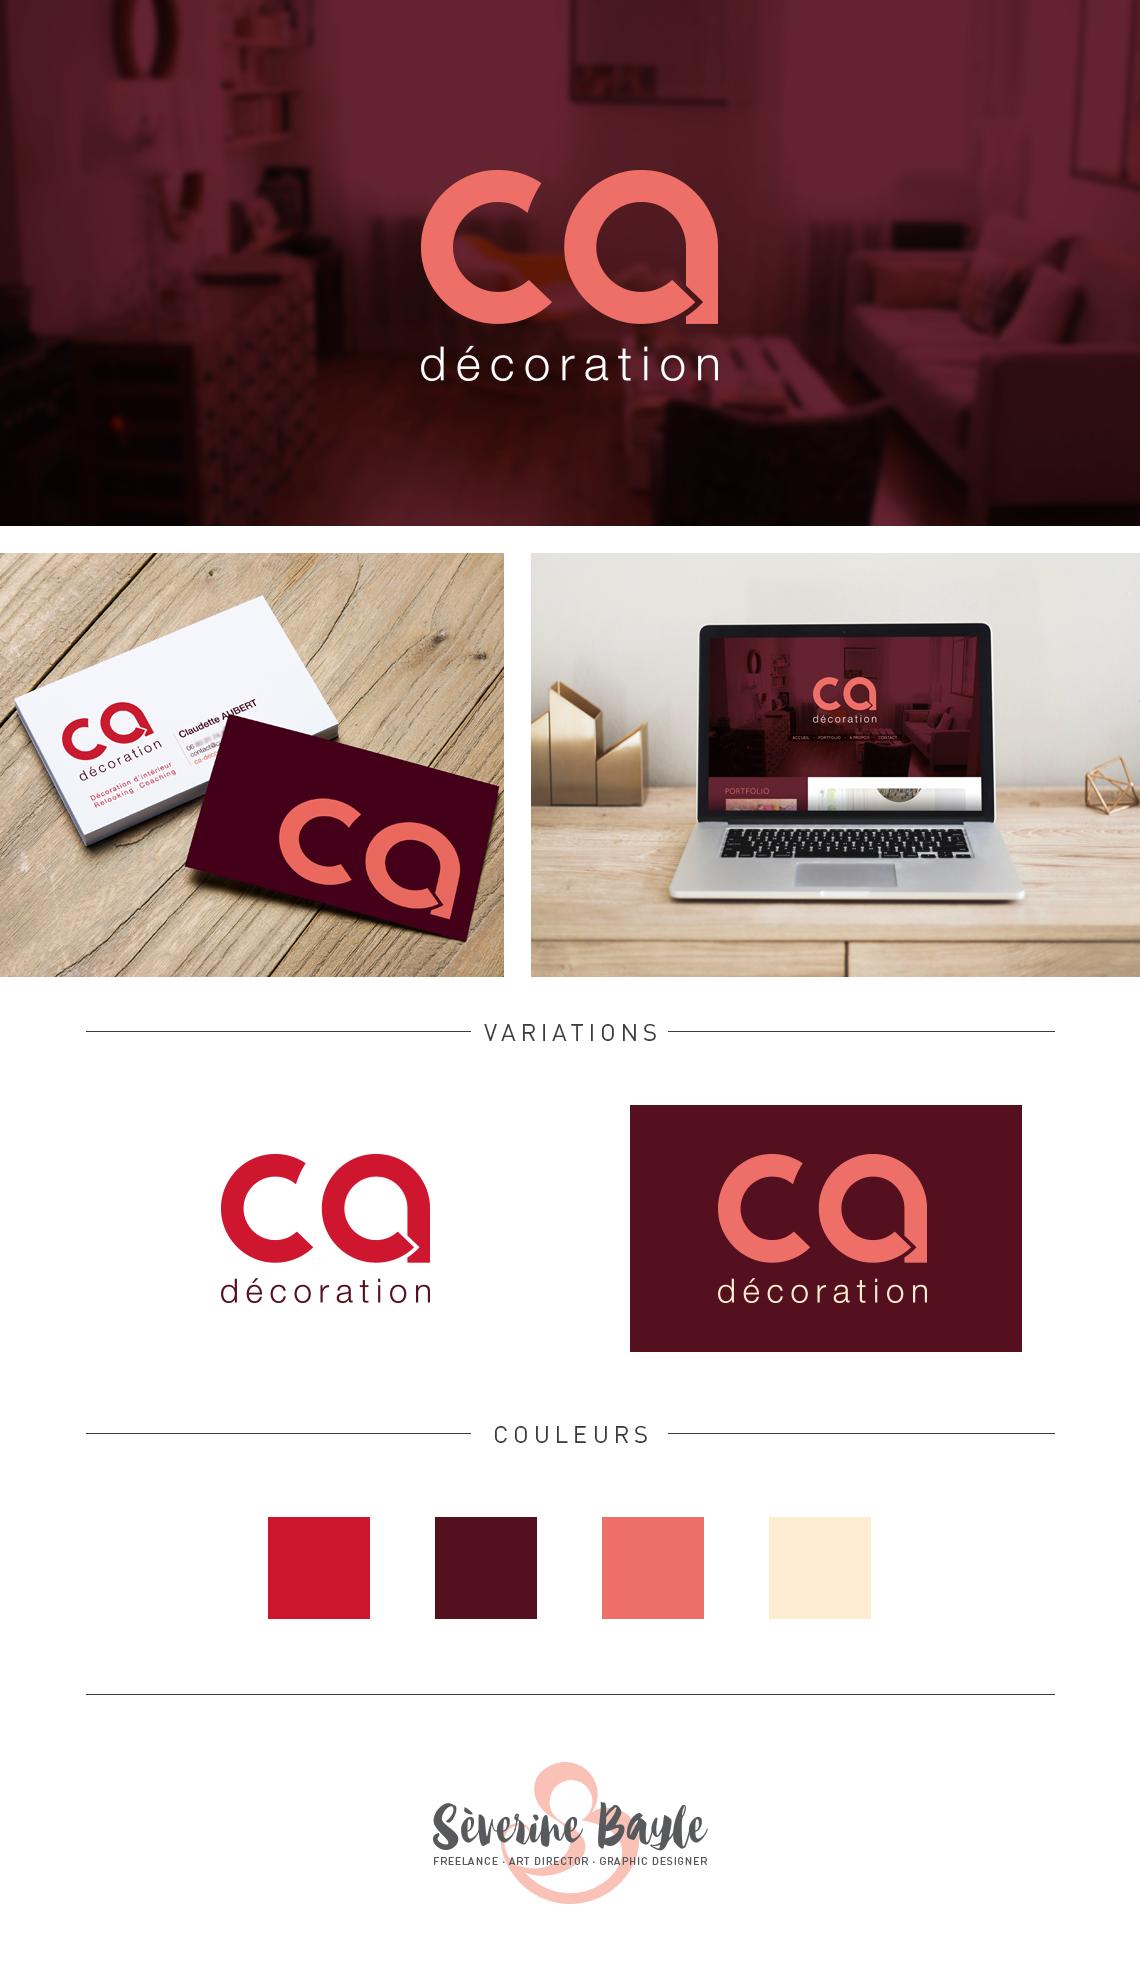 ca décoration : identité visuelle et webdesign